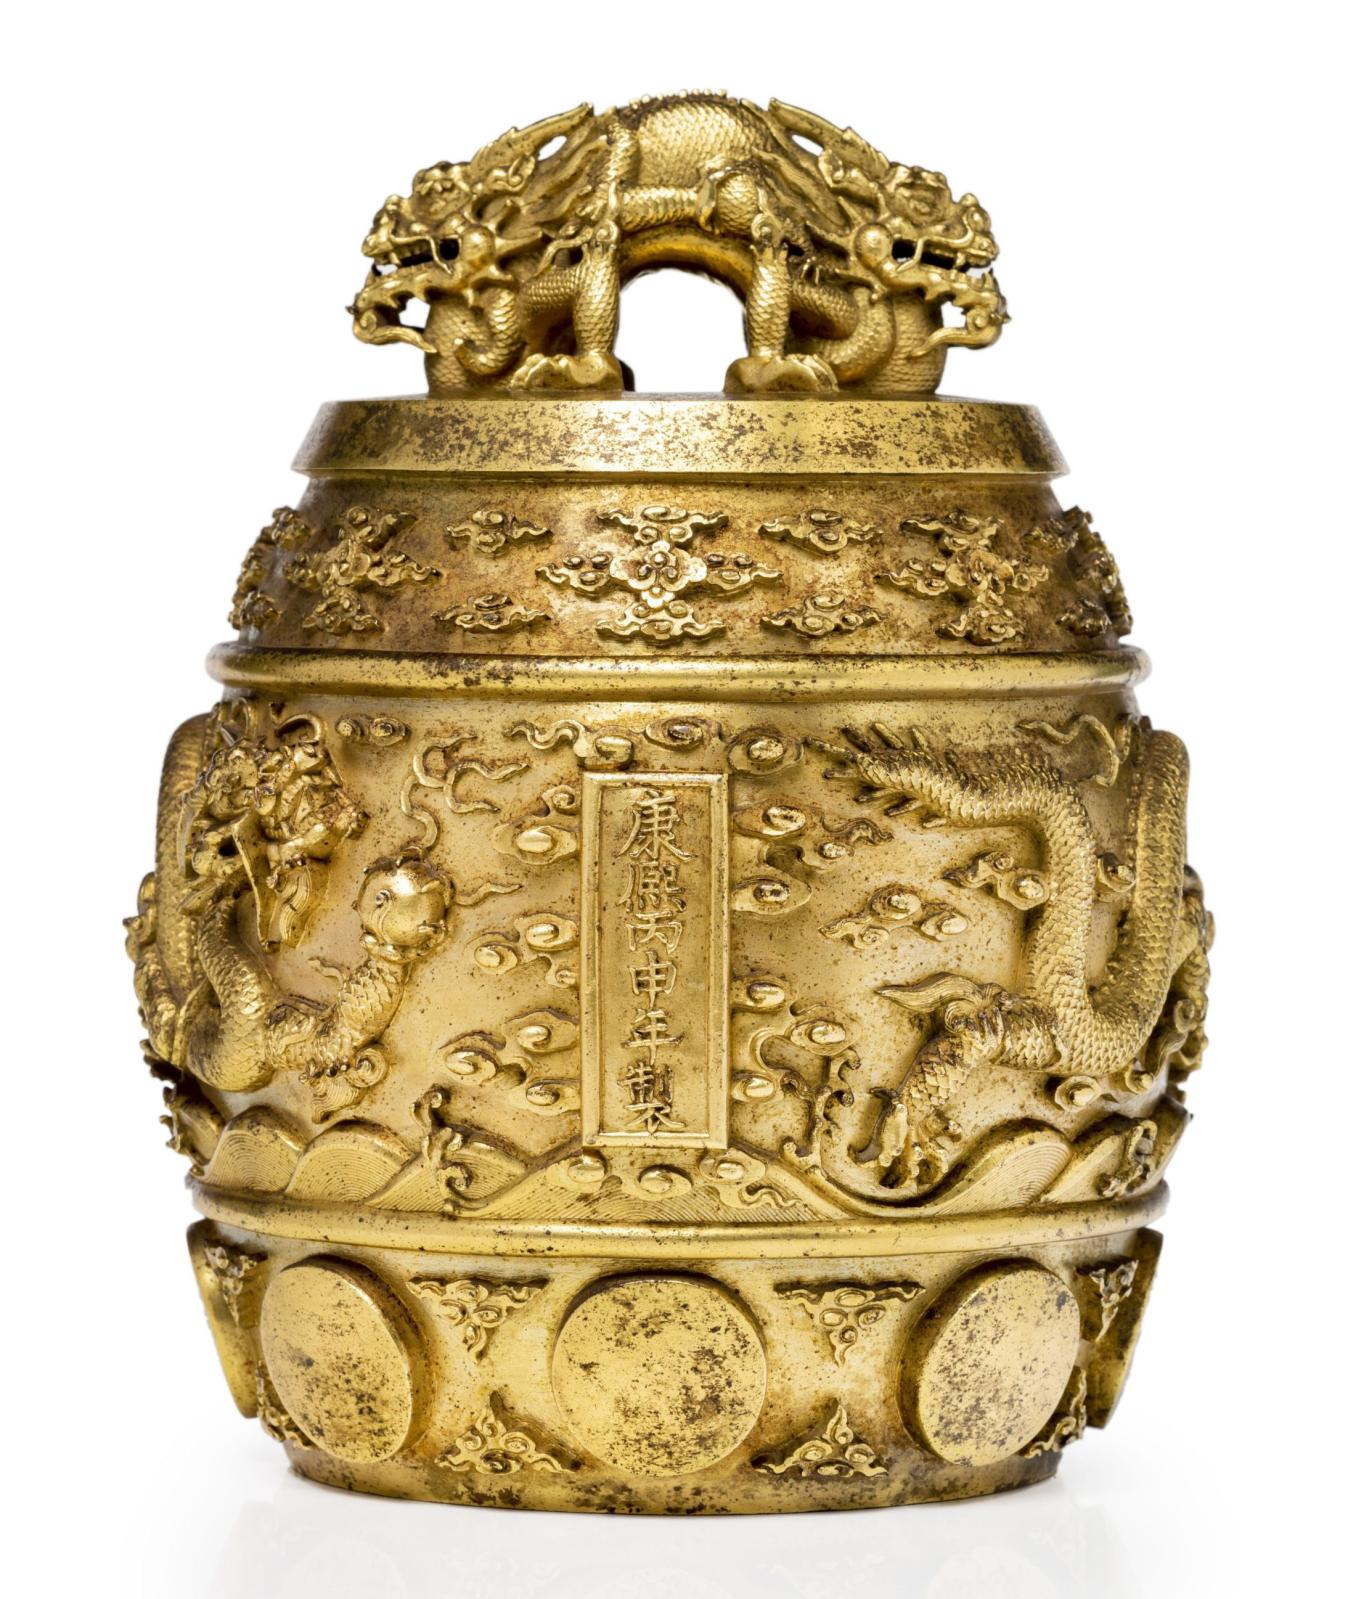 Chine, époque Kangxi (1662-1722). Cloche rituelle bianzhong en bronze doré, à décor en relief de deux dragons à cinq griffes au-dessus de